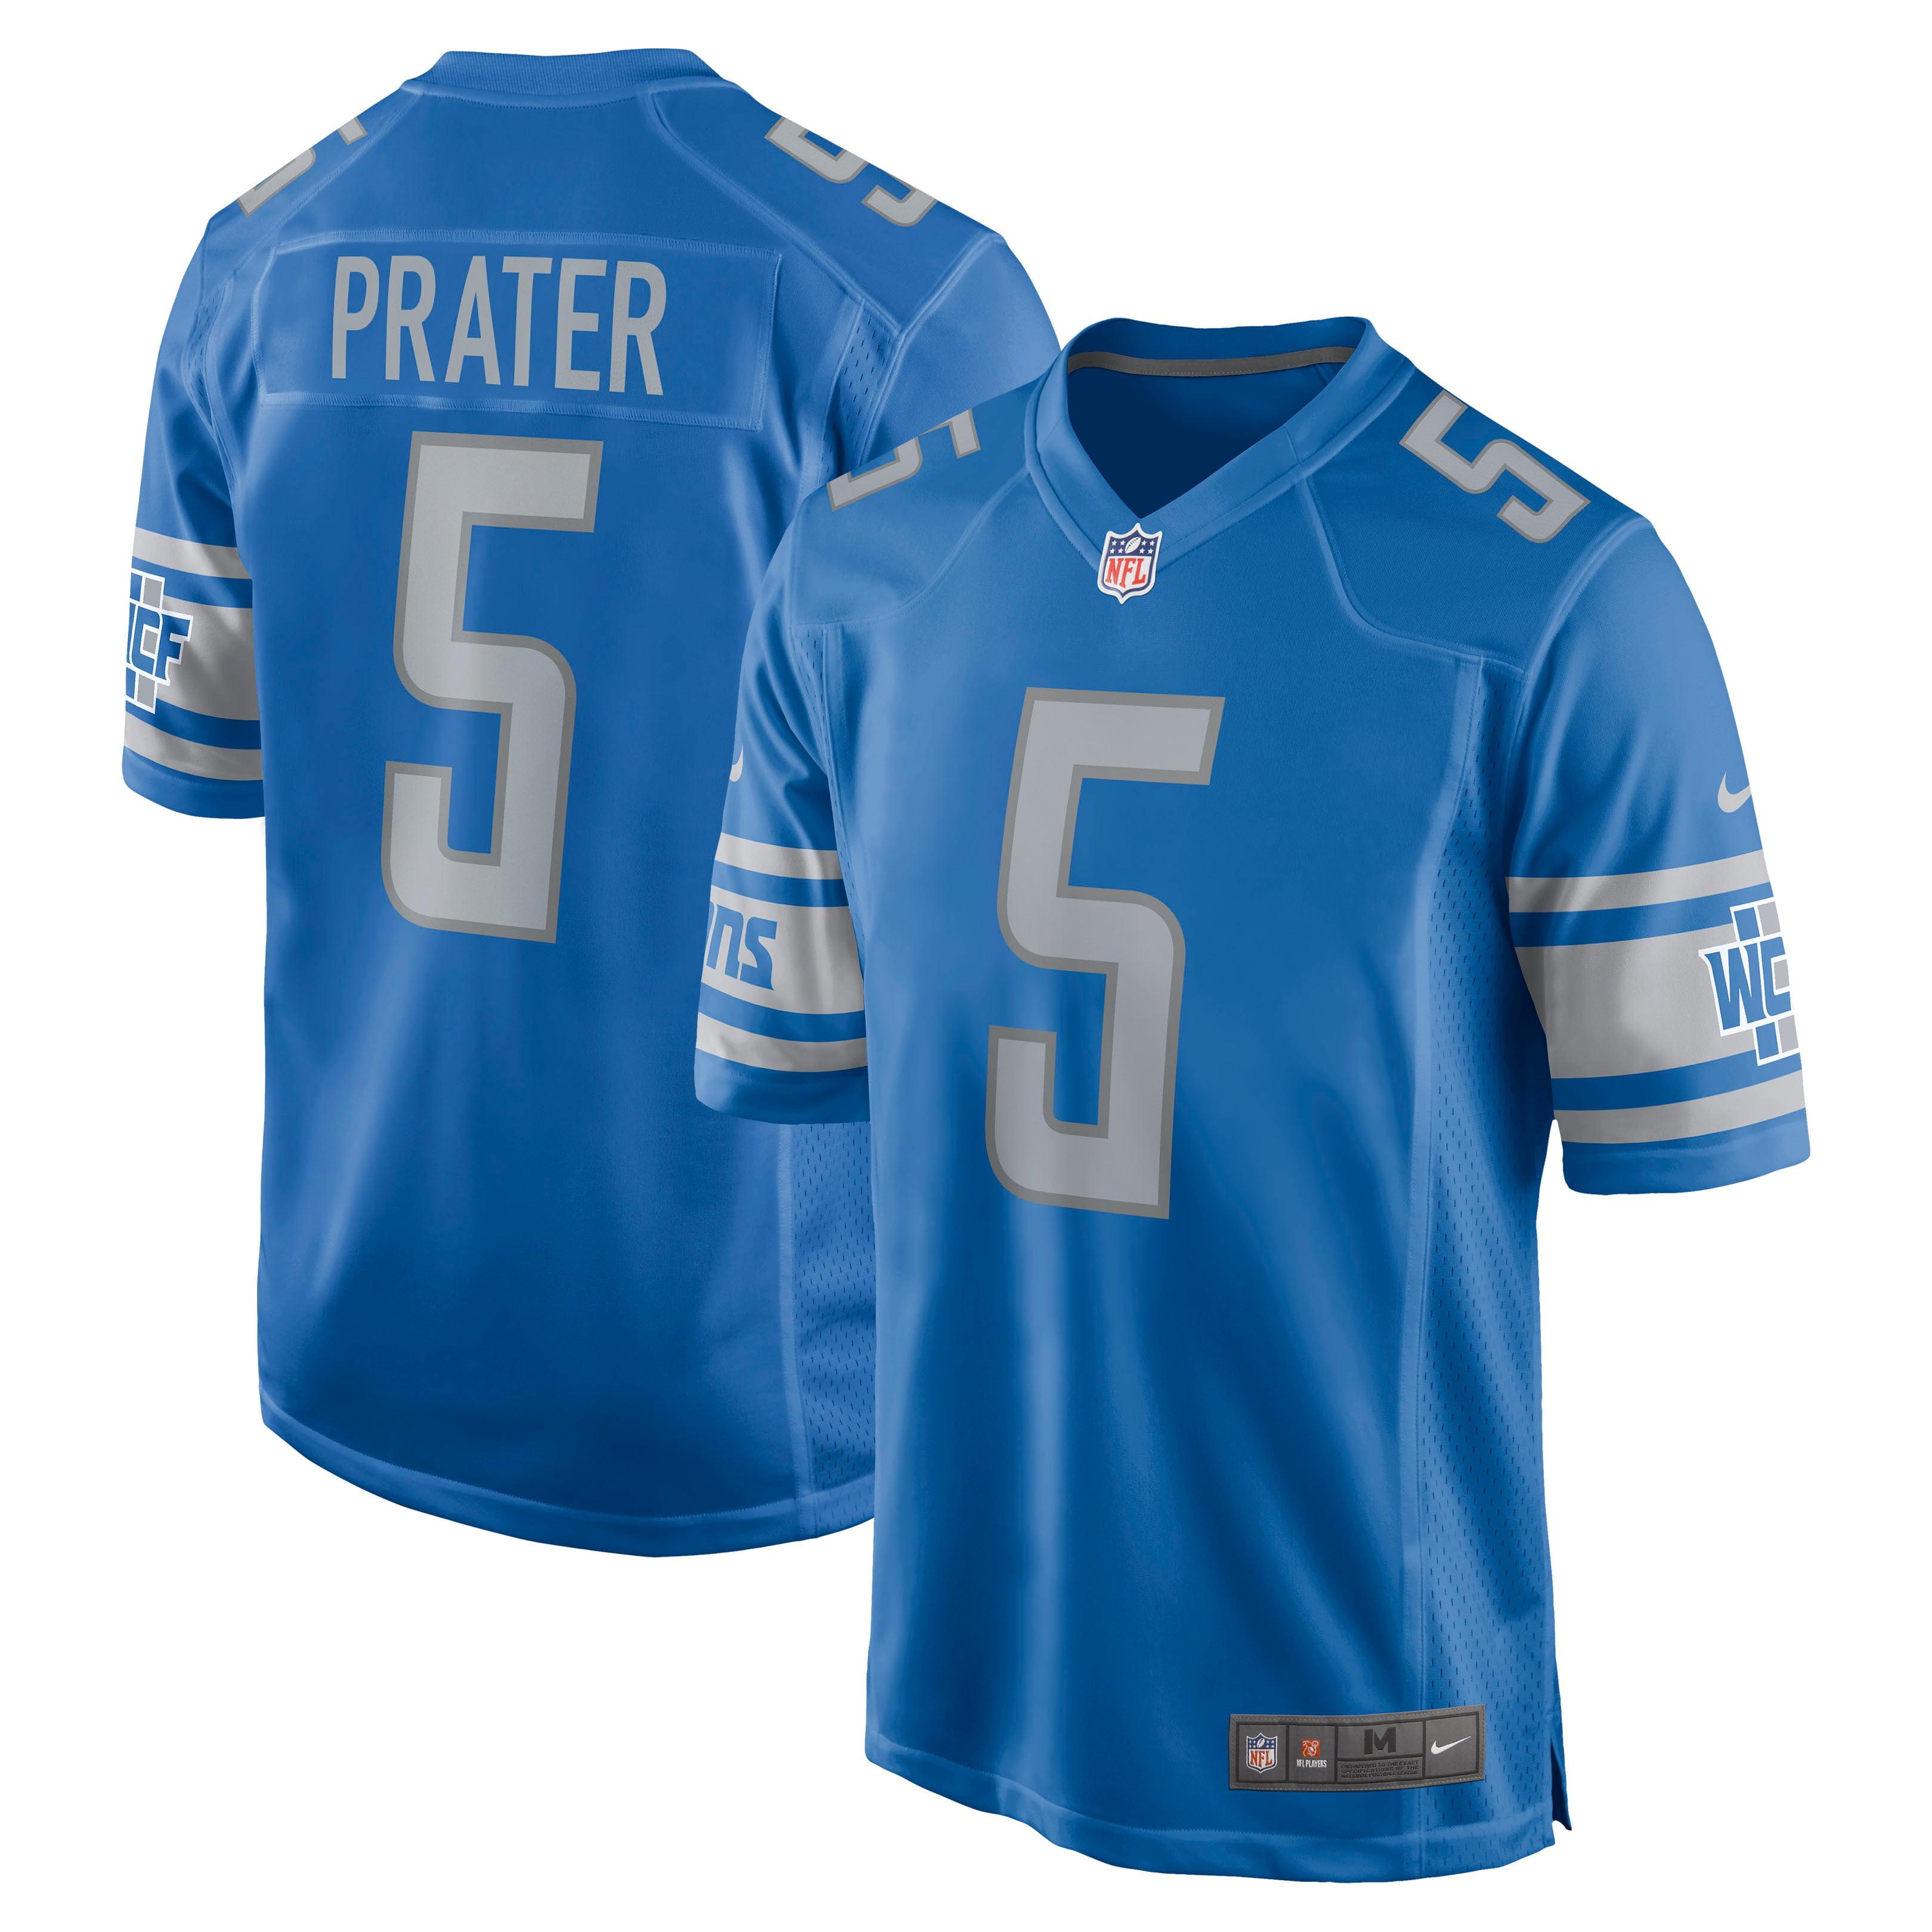 Matt Prater Detroit Lions Nike Game Jersey - Blue - Walmart.com